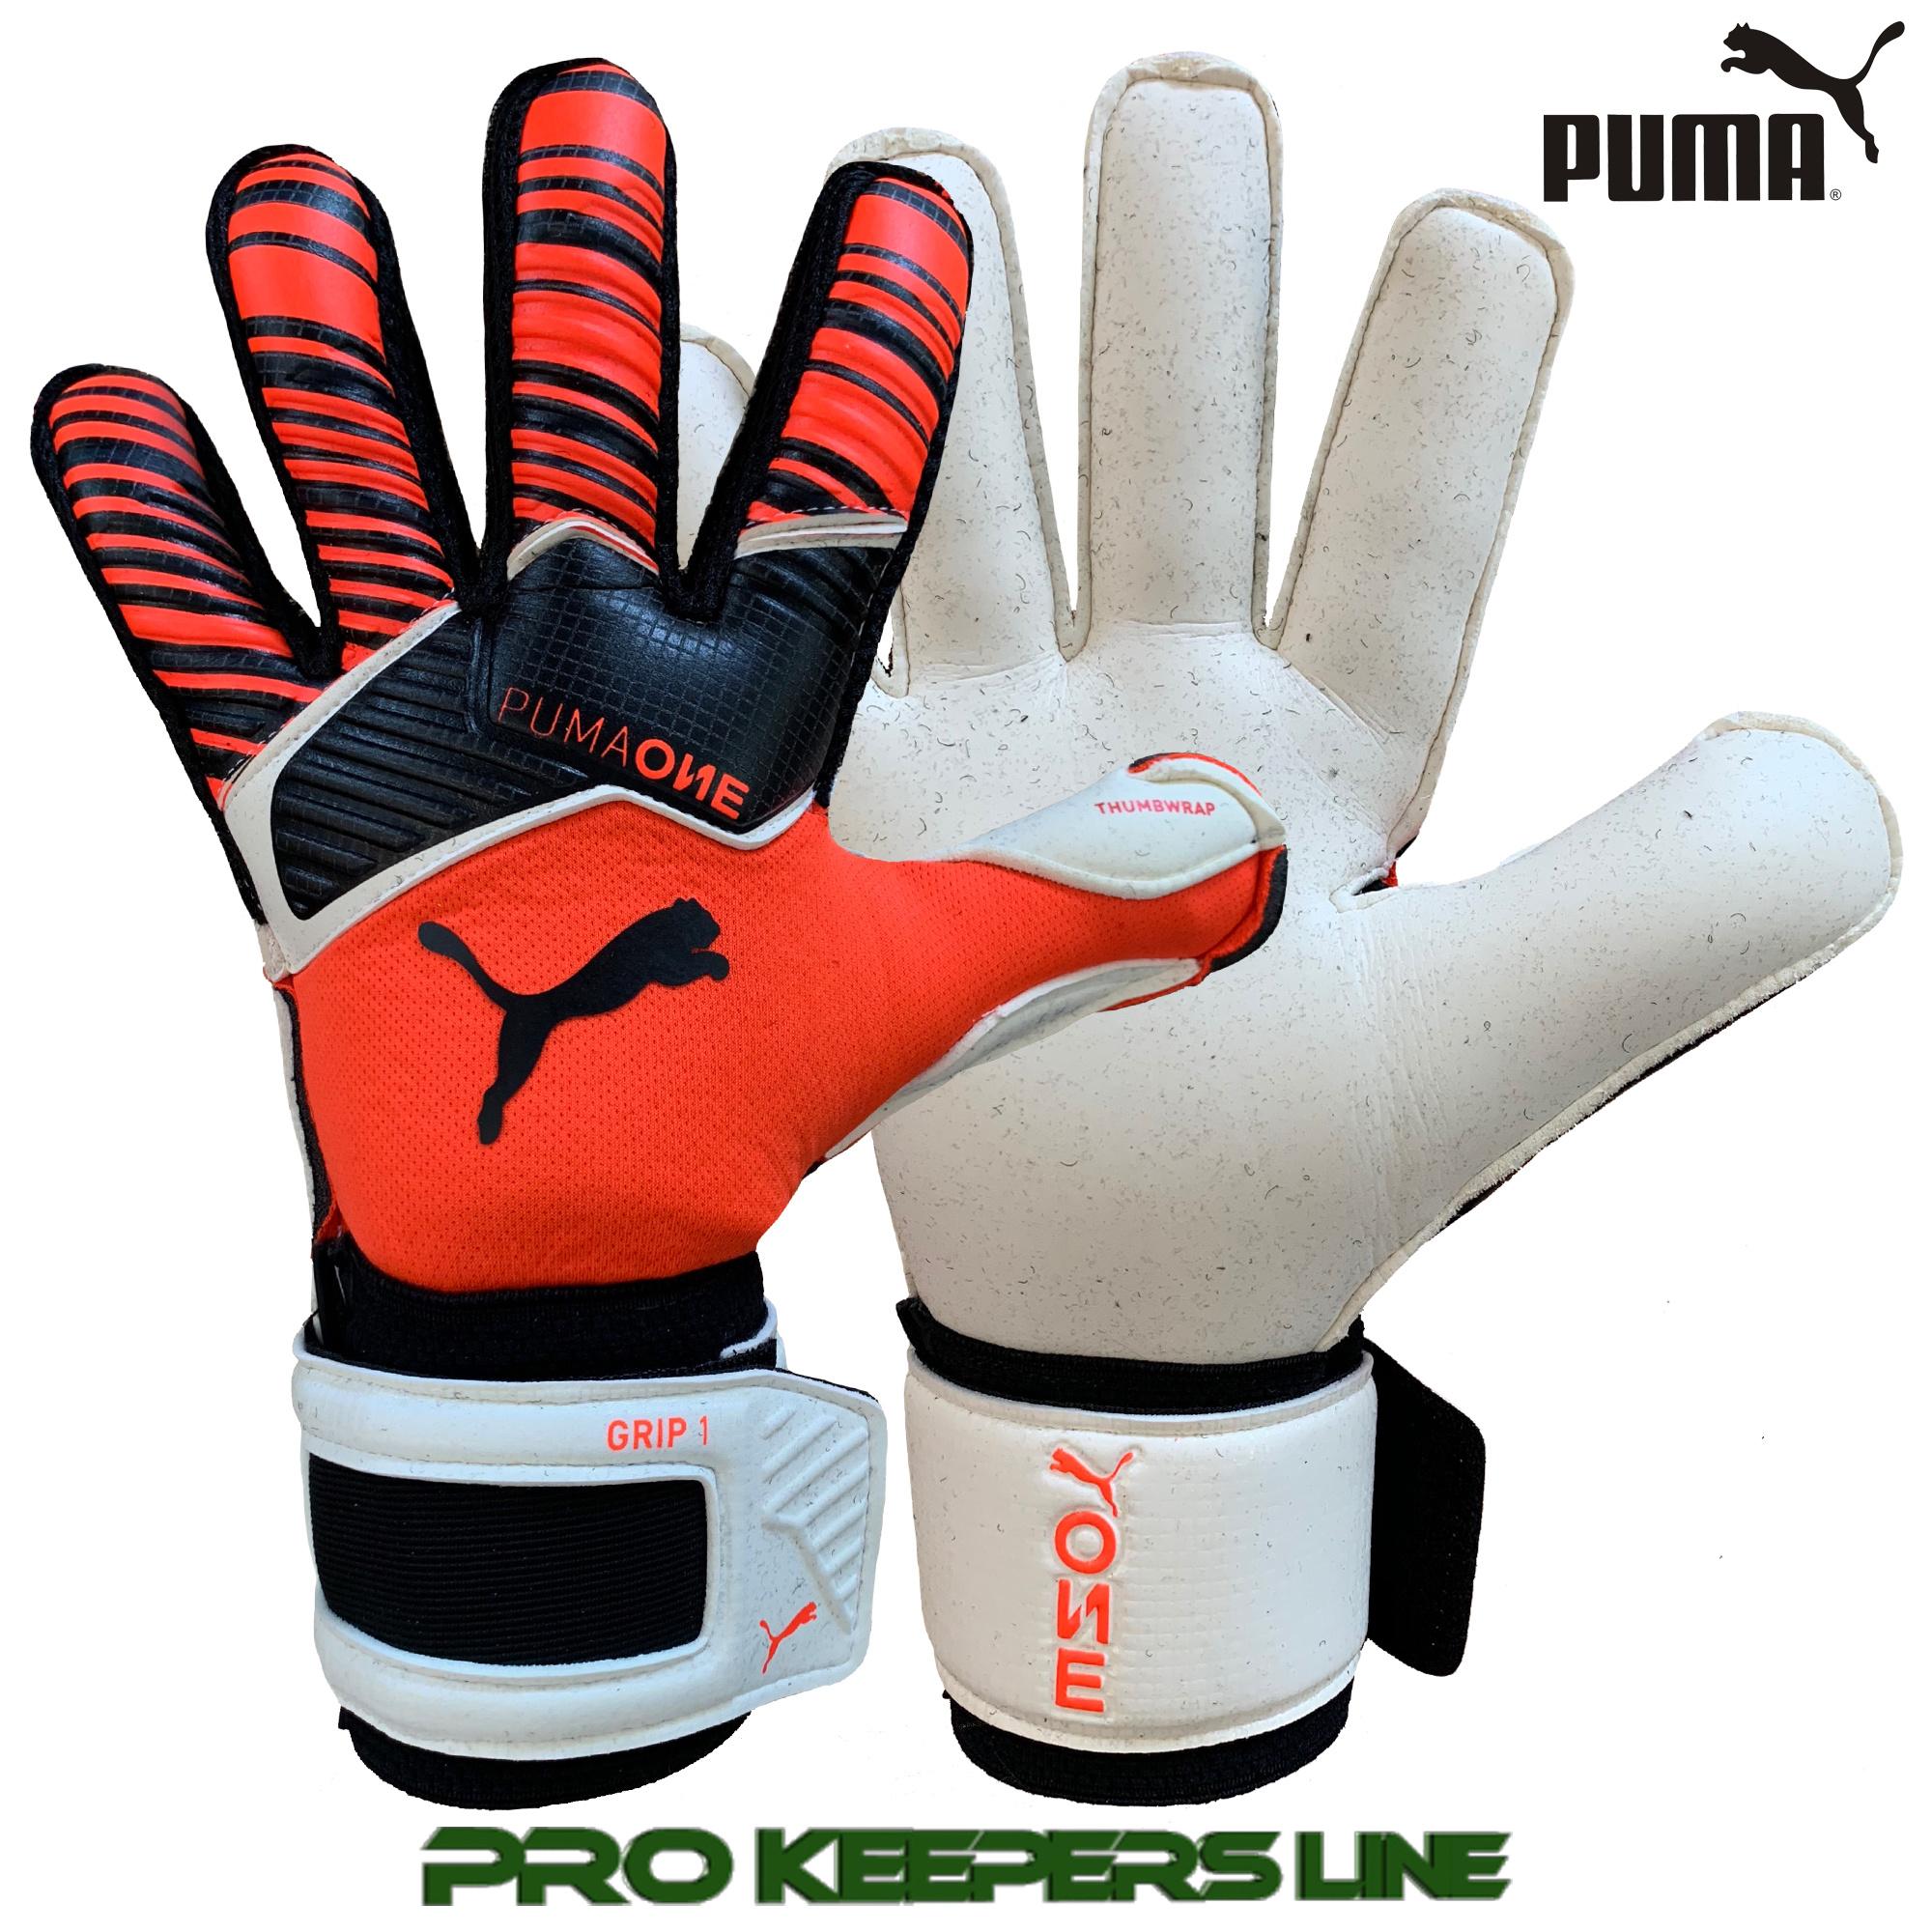 puma one grip